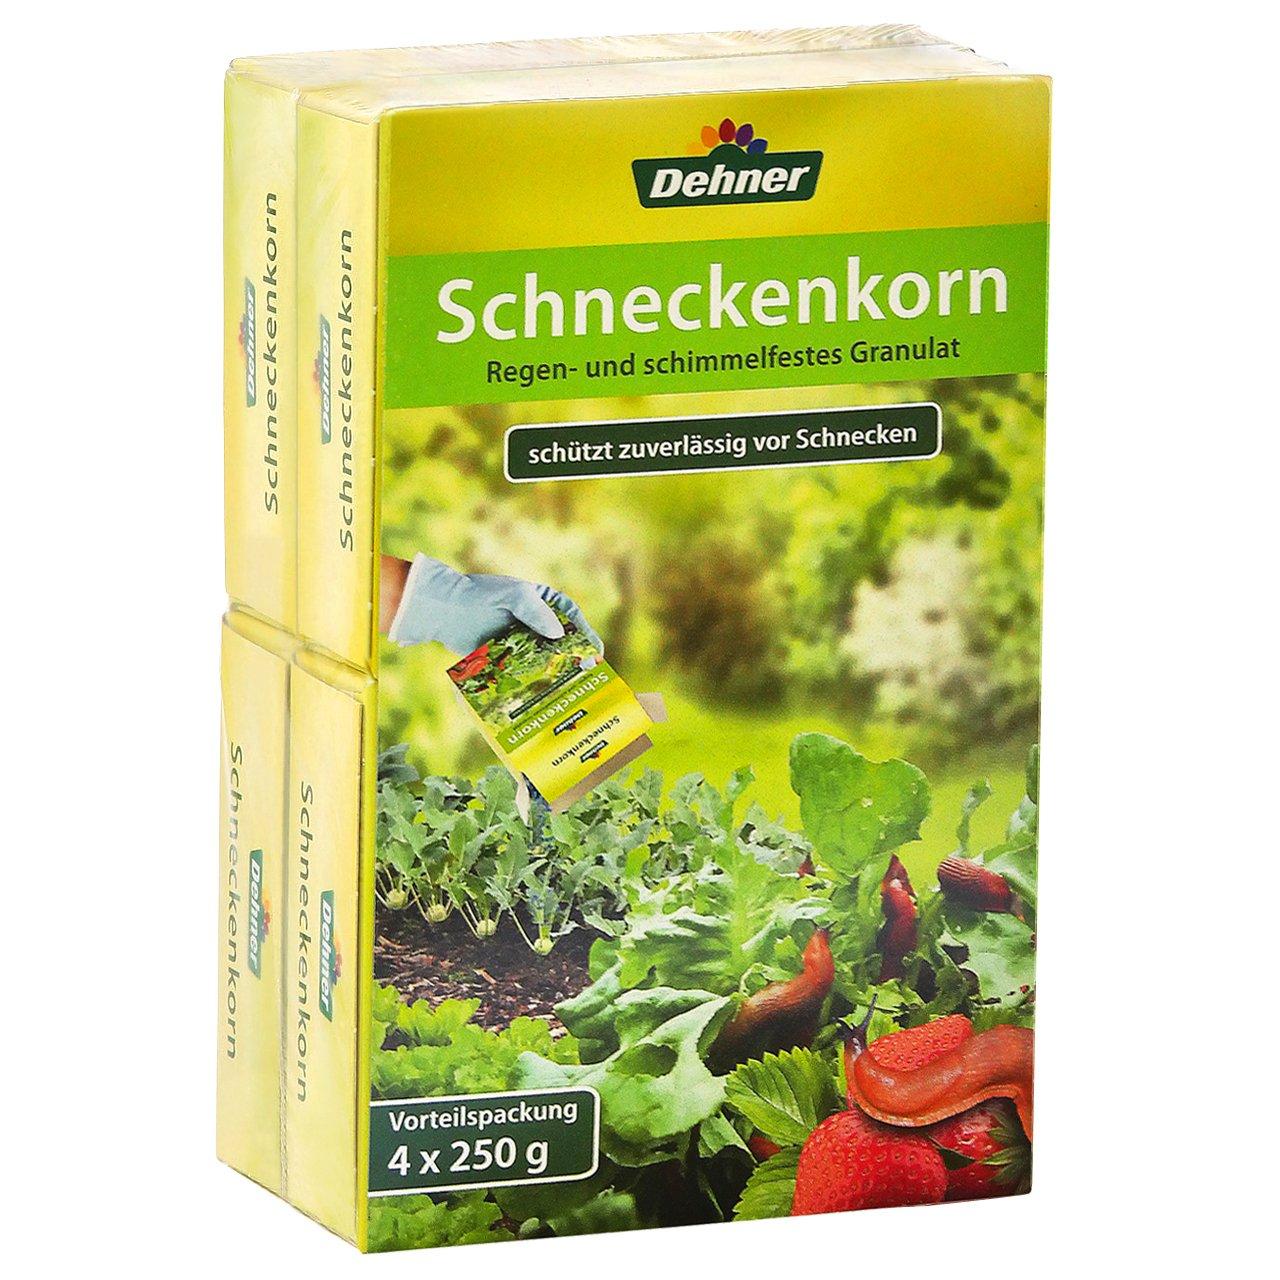 Dehner Schneckenkorn, 4 x 250 g (1 kg), für ca. 1,600 qm für ca. 1 133223